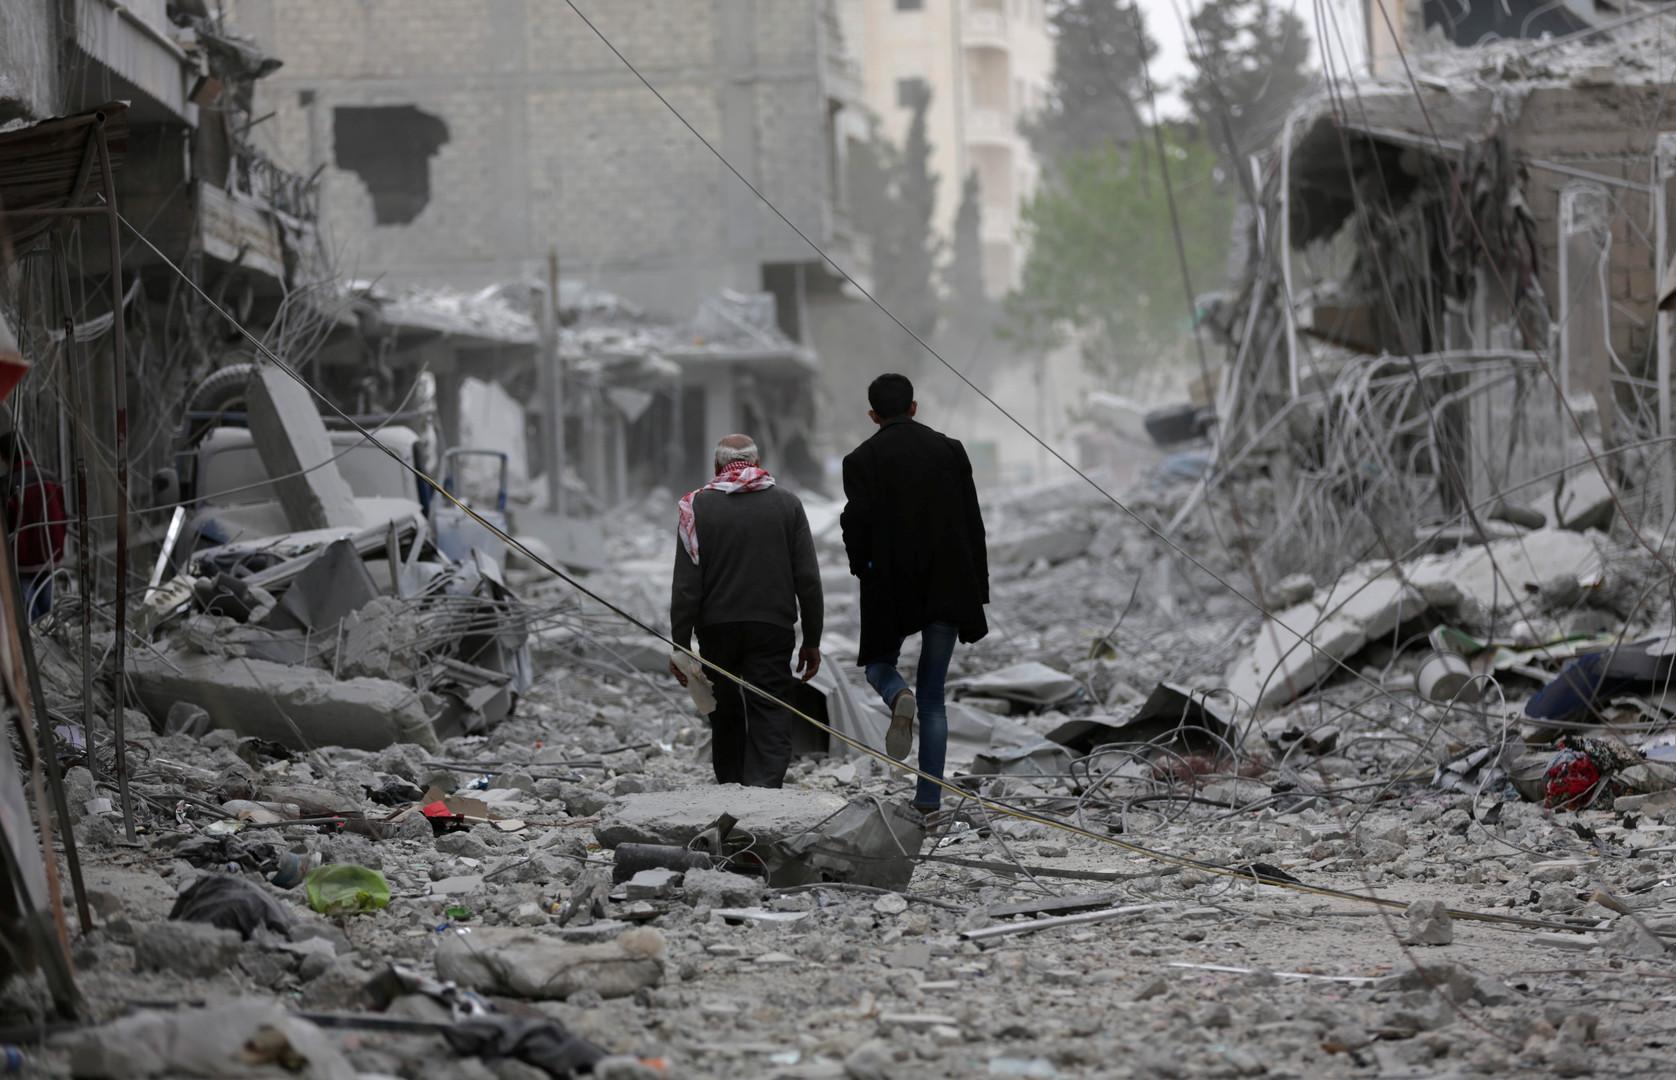 شخصان يمشان وسط أنقاض مبان مدمرة وسط مدينة عفرين شمال سوريا